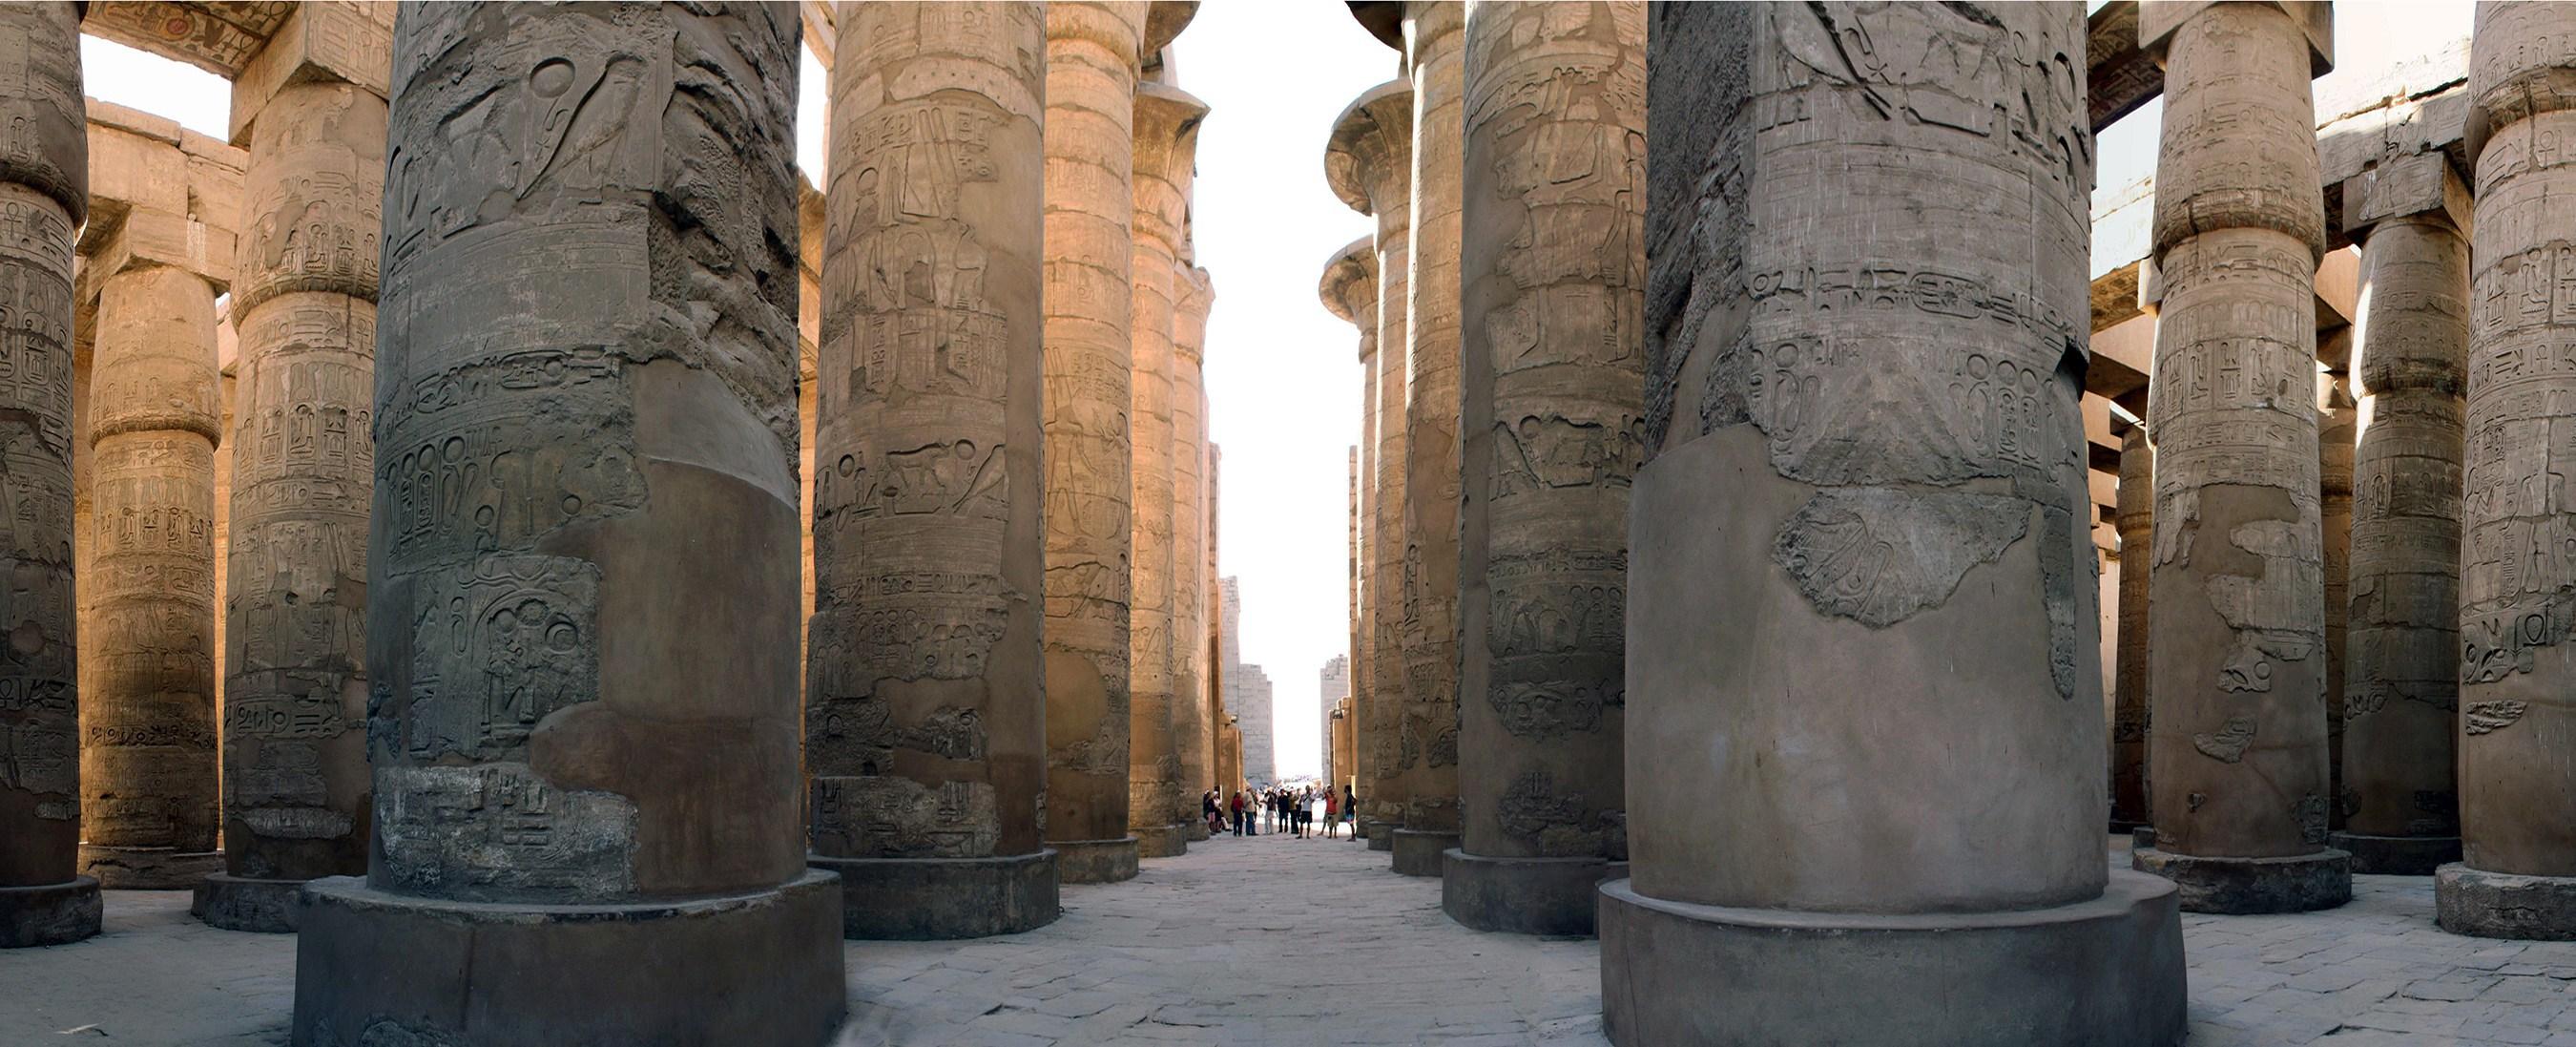 افضل الانشطة السياحية فى مدينة الشمس فى الاقصر | مدينة الشمس فى الاقصر